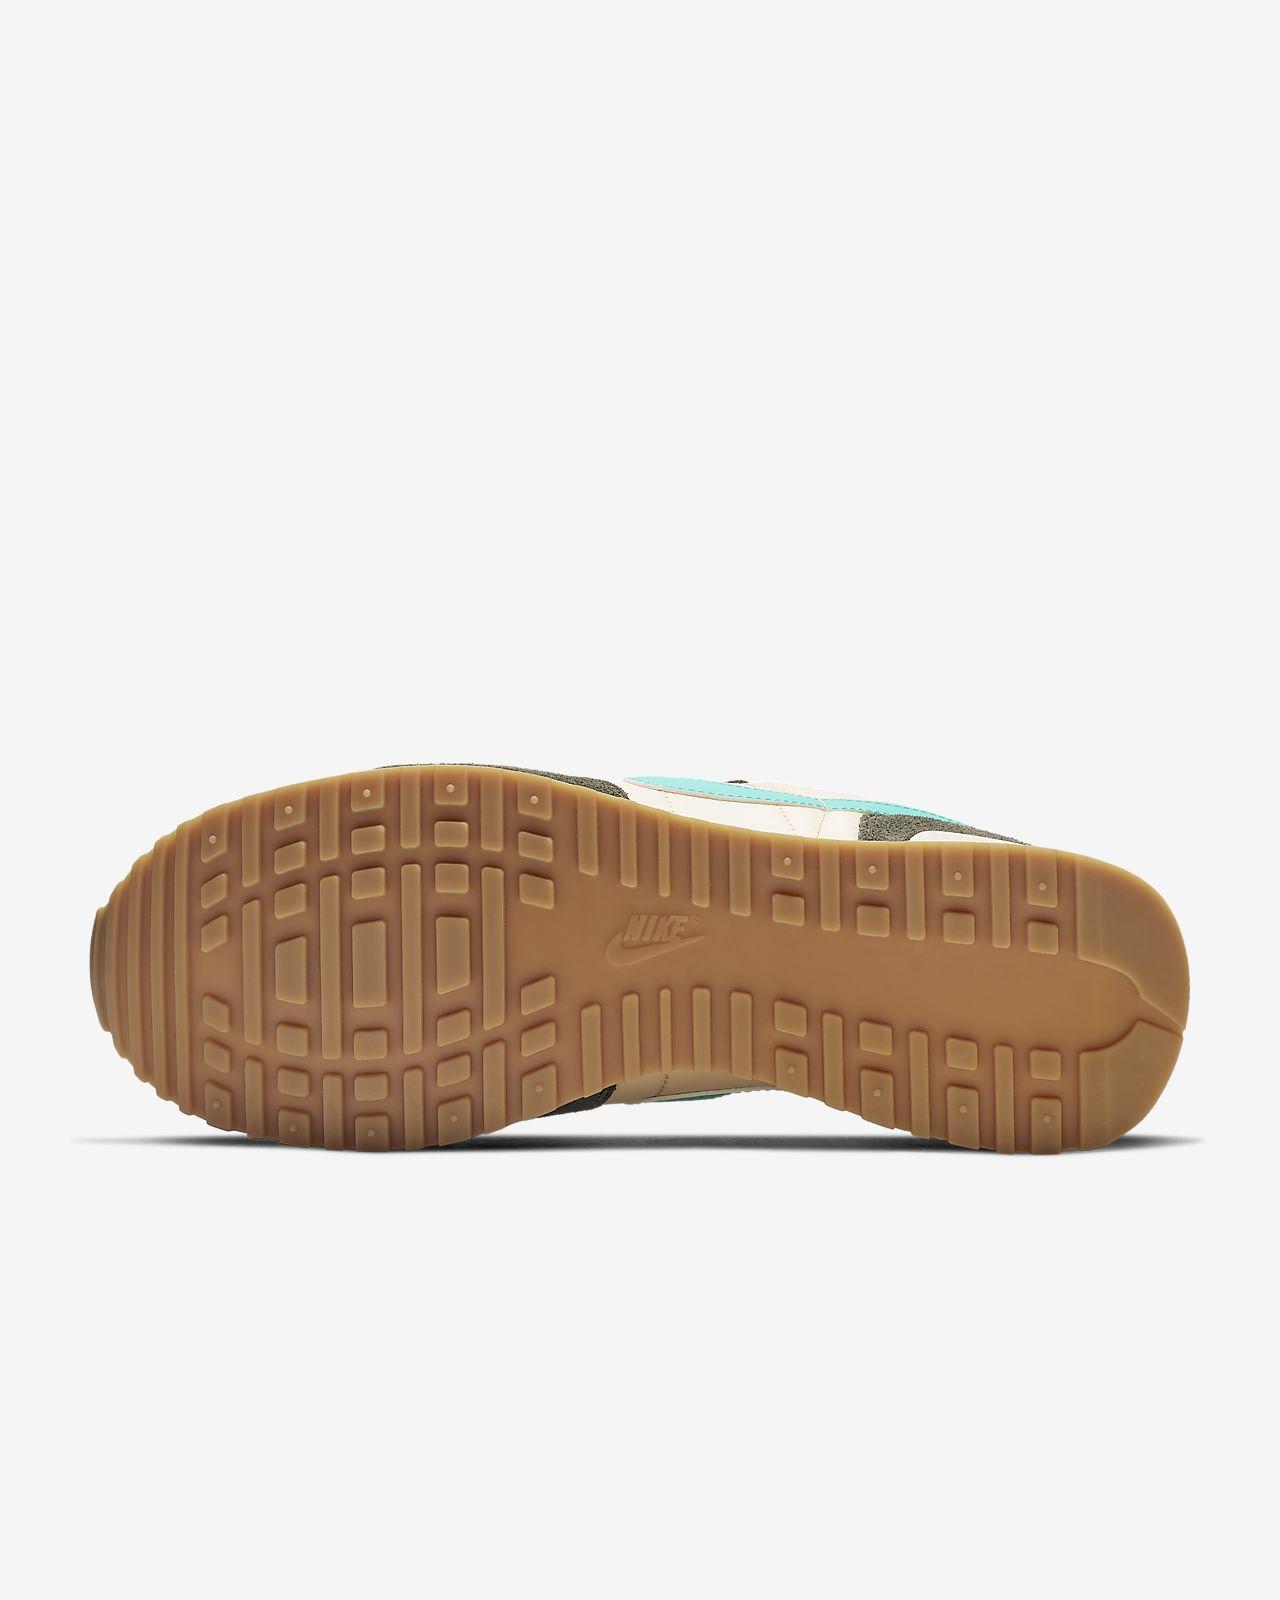 Tênis Nike Air Vortex Retro | Zapato tenis, Zapatillas y